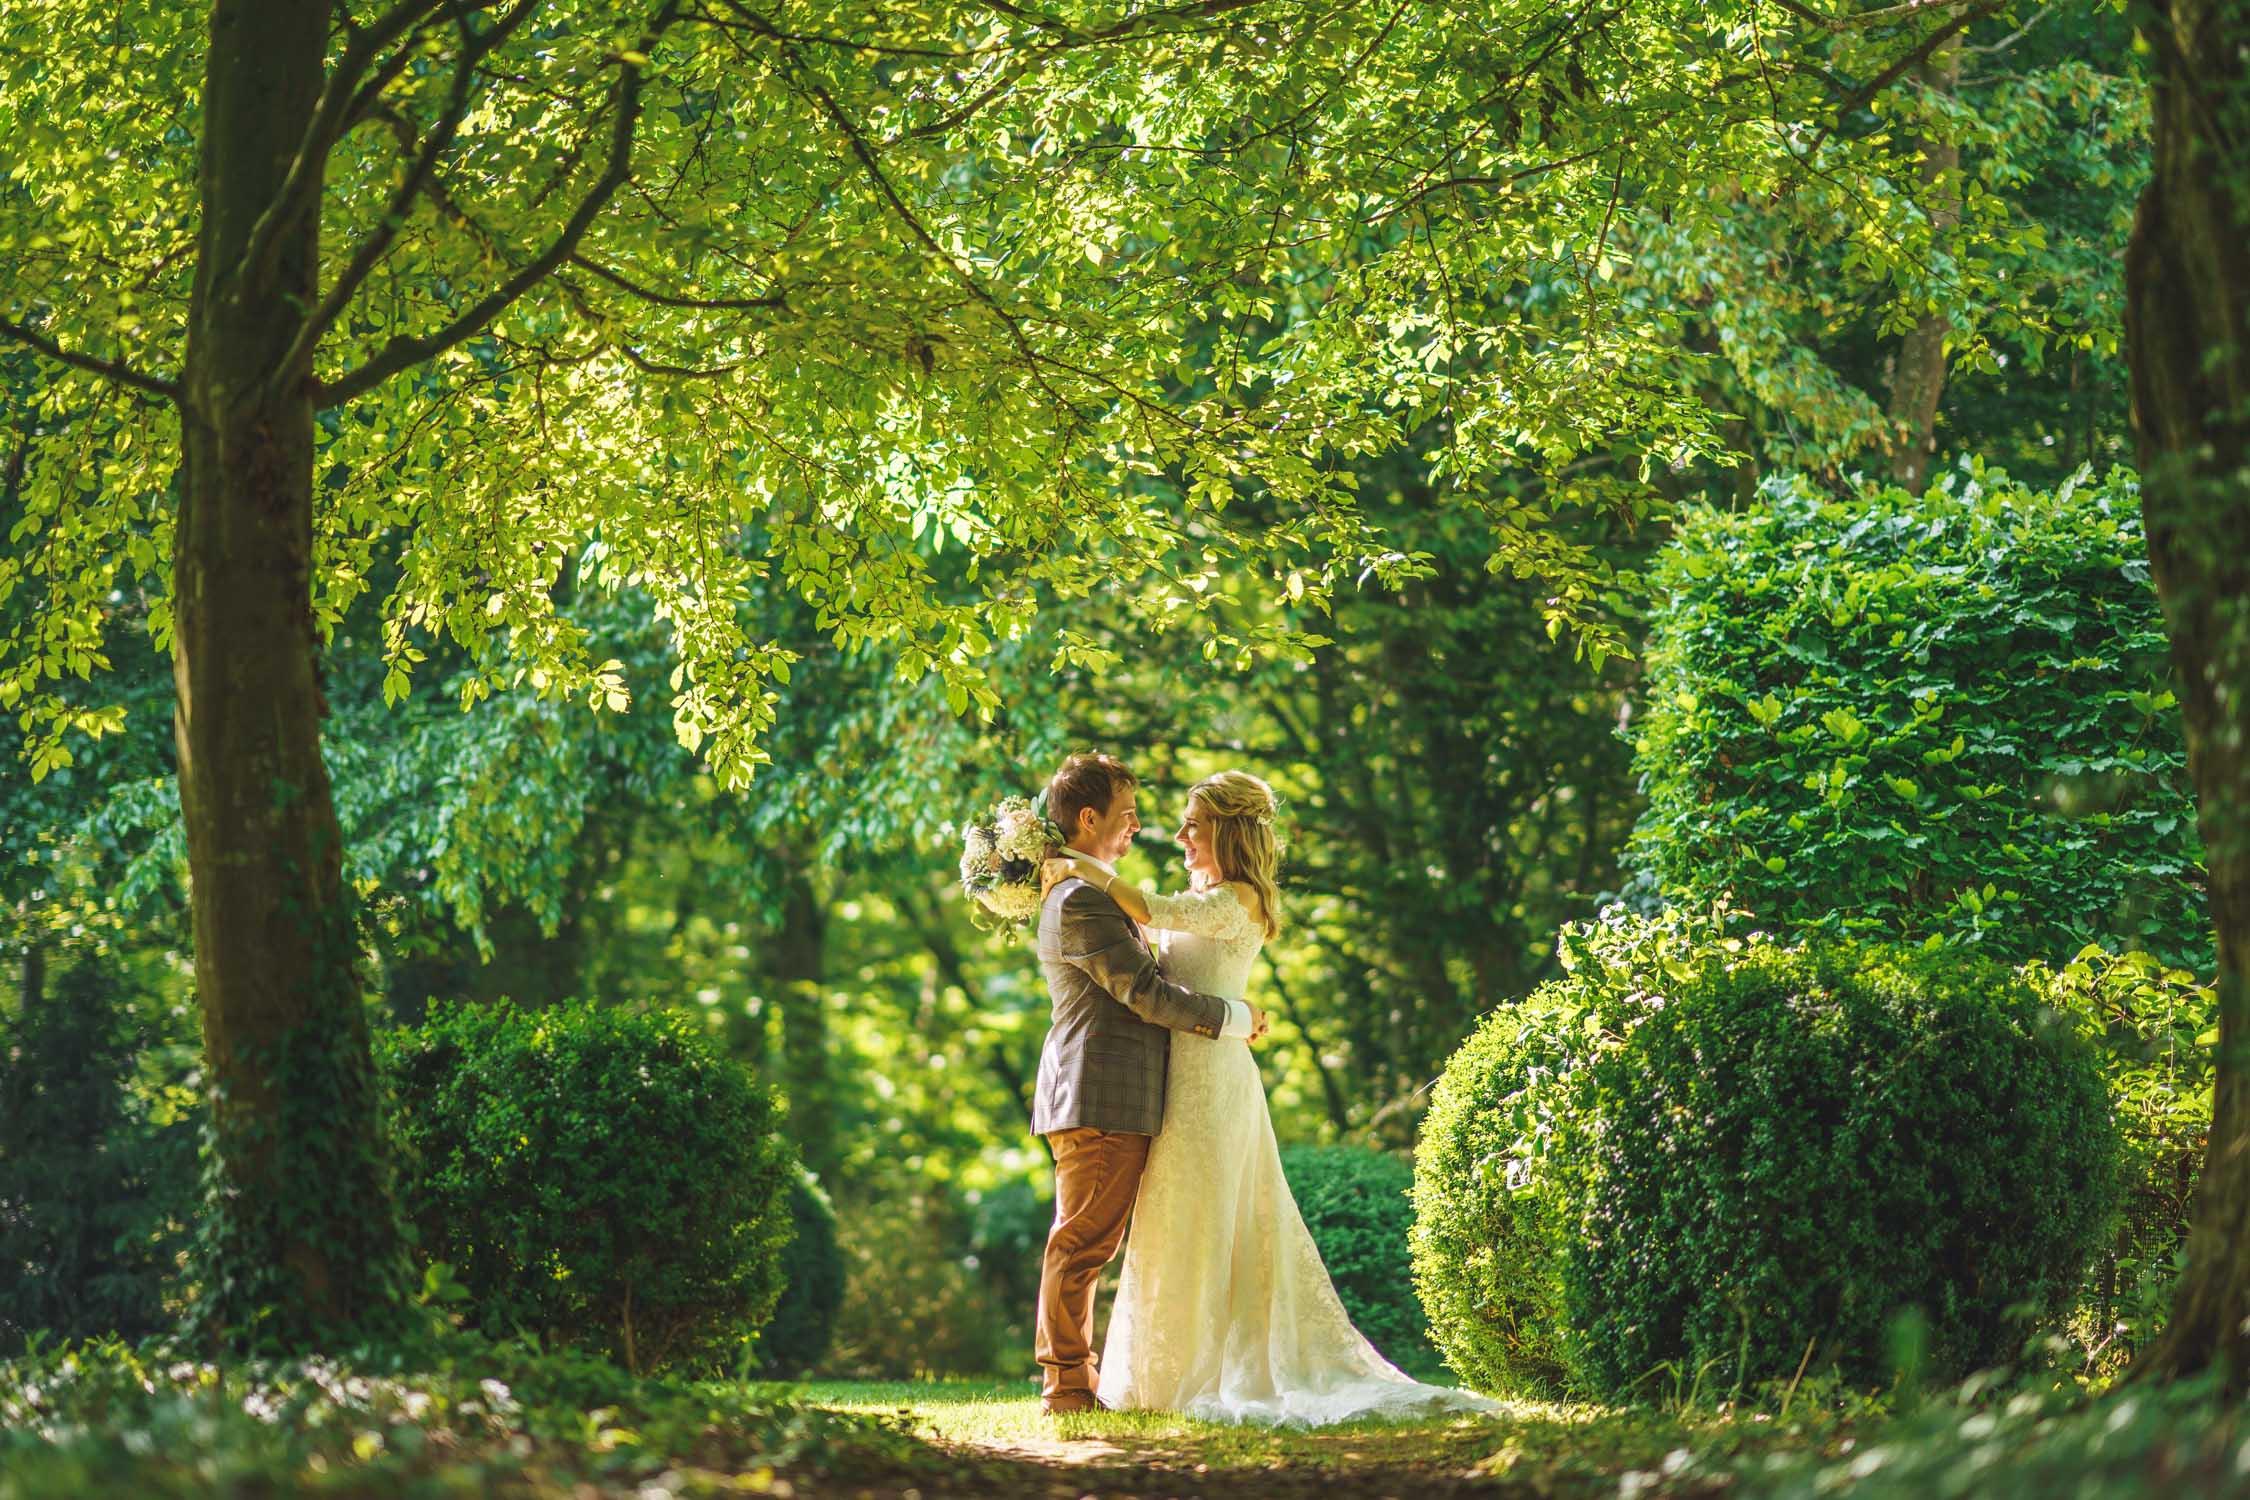 Cripps Barn Wedding Photography, Cripps Barn Wedding, Cotswolds Wedding photography, Cripps Barn, wedding photographers at Cripps Barn